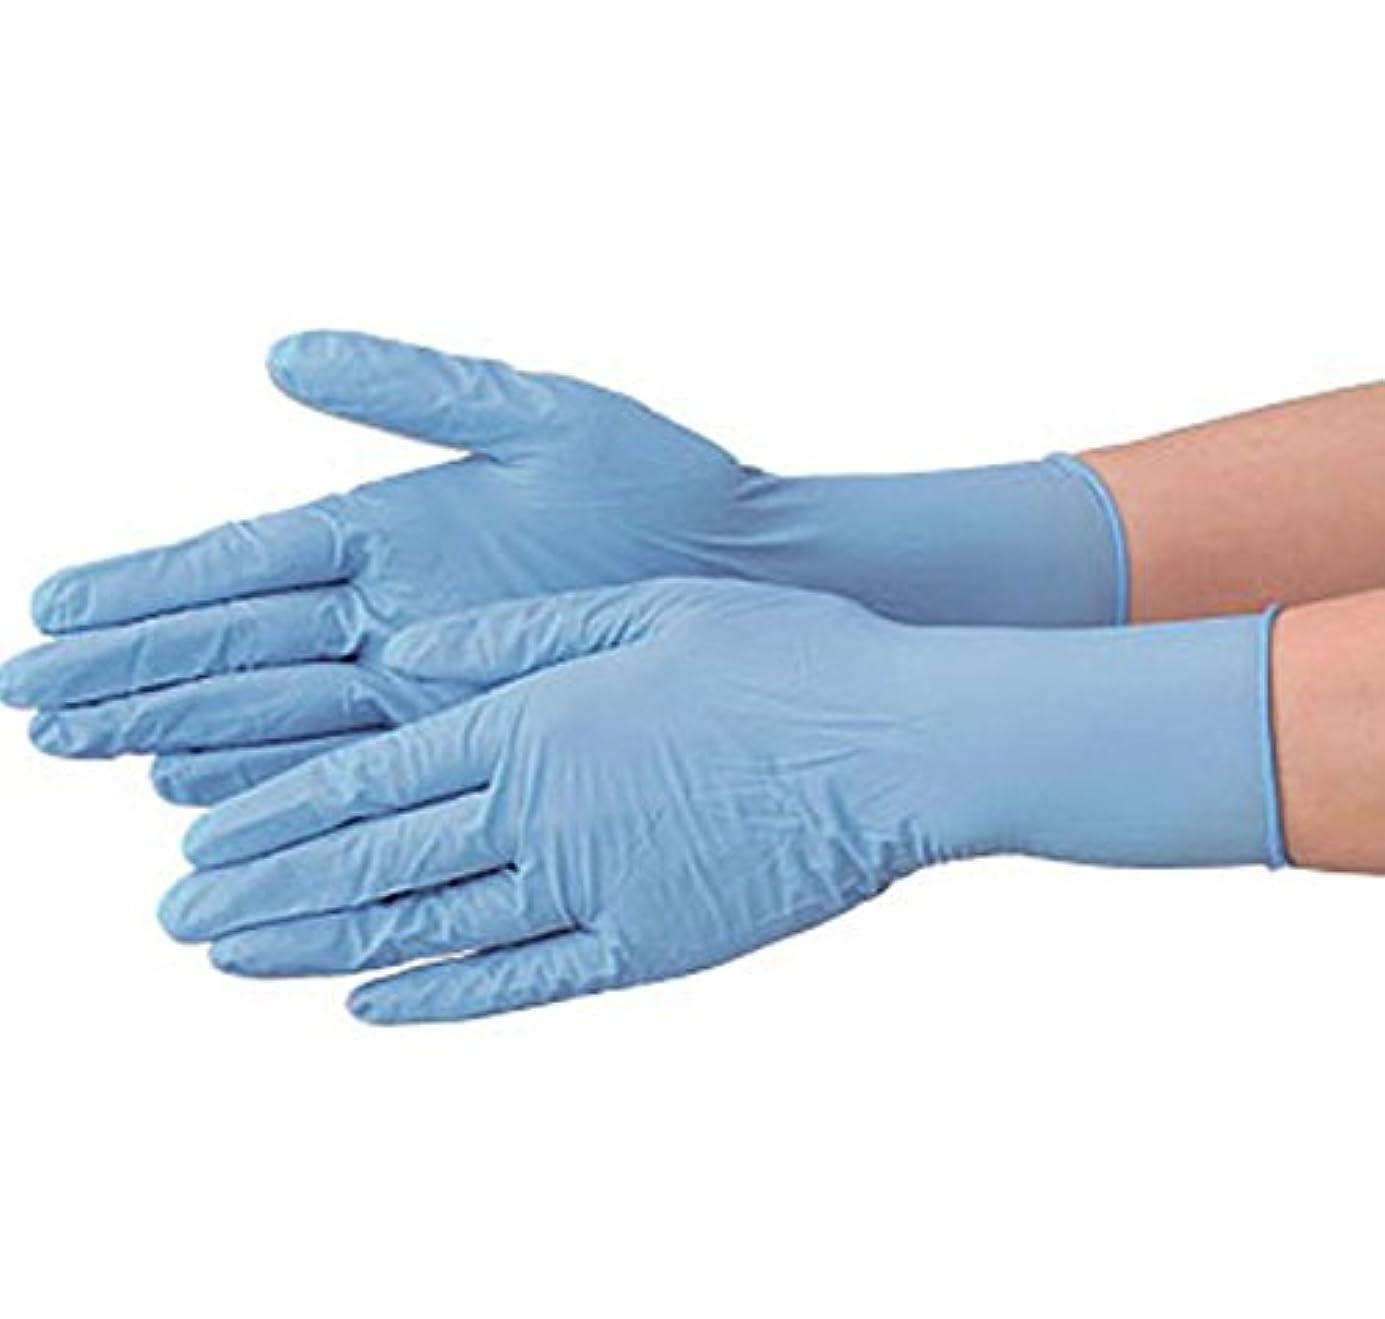 ラダシンジケート発症使い捨て 手袋 エブノ 520 ニトリル 極薄手袋 パウダーフリー ブルー Lサイズ 2ケース(100枚×40箱)